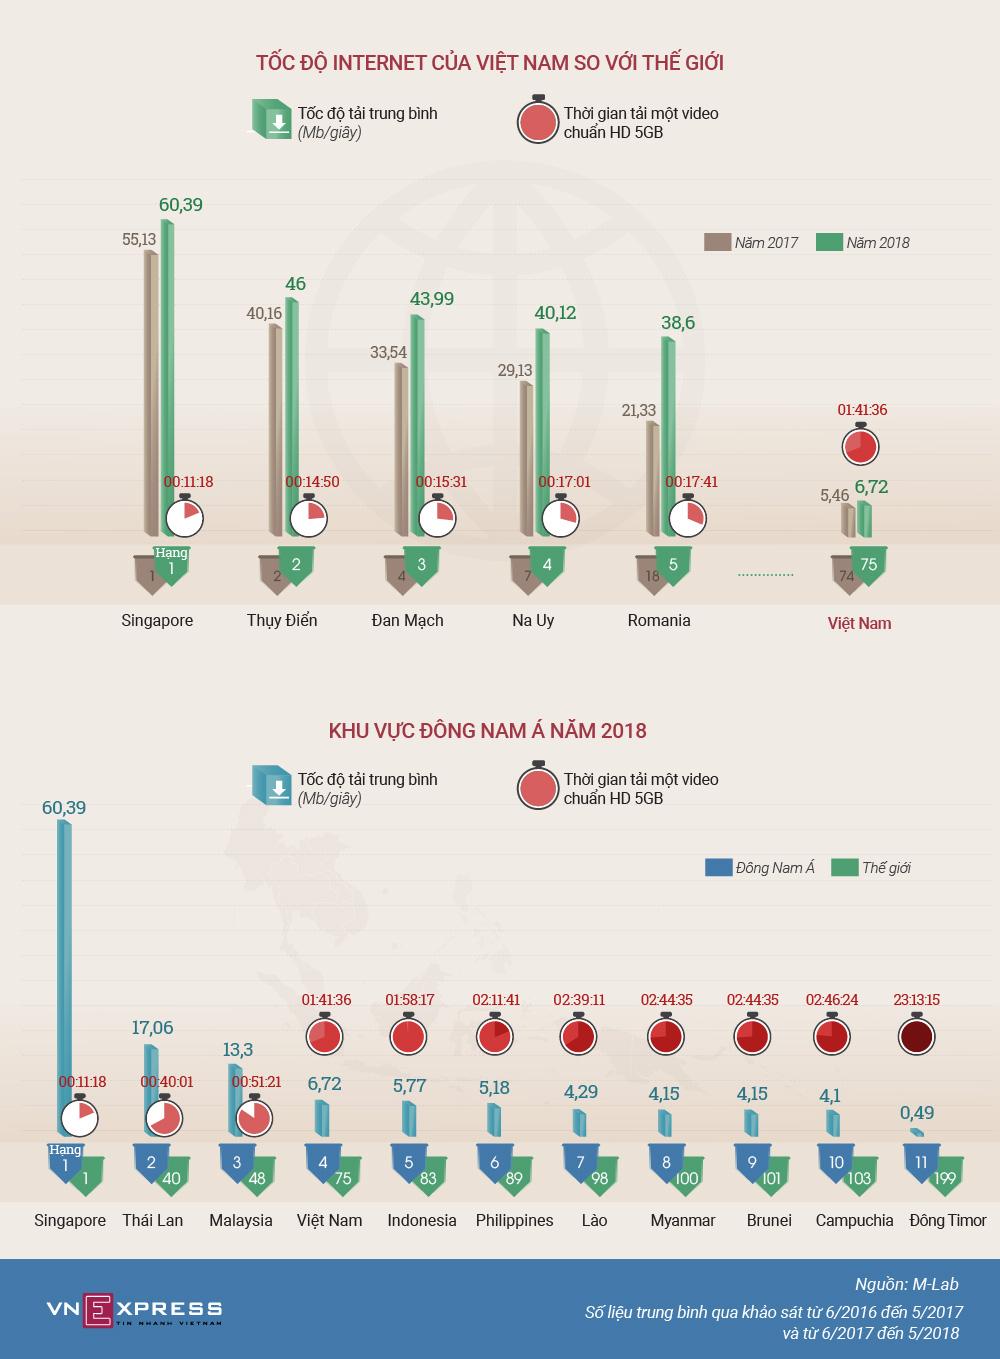 Tốc độ Internet Việt Nam như thế nào so với thế giới